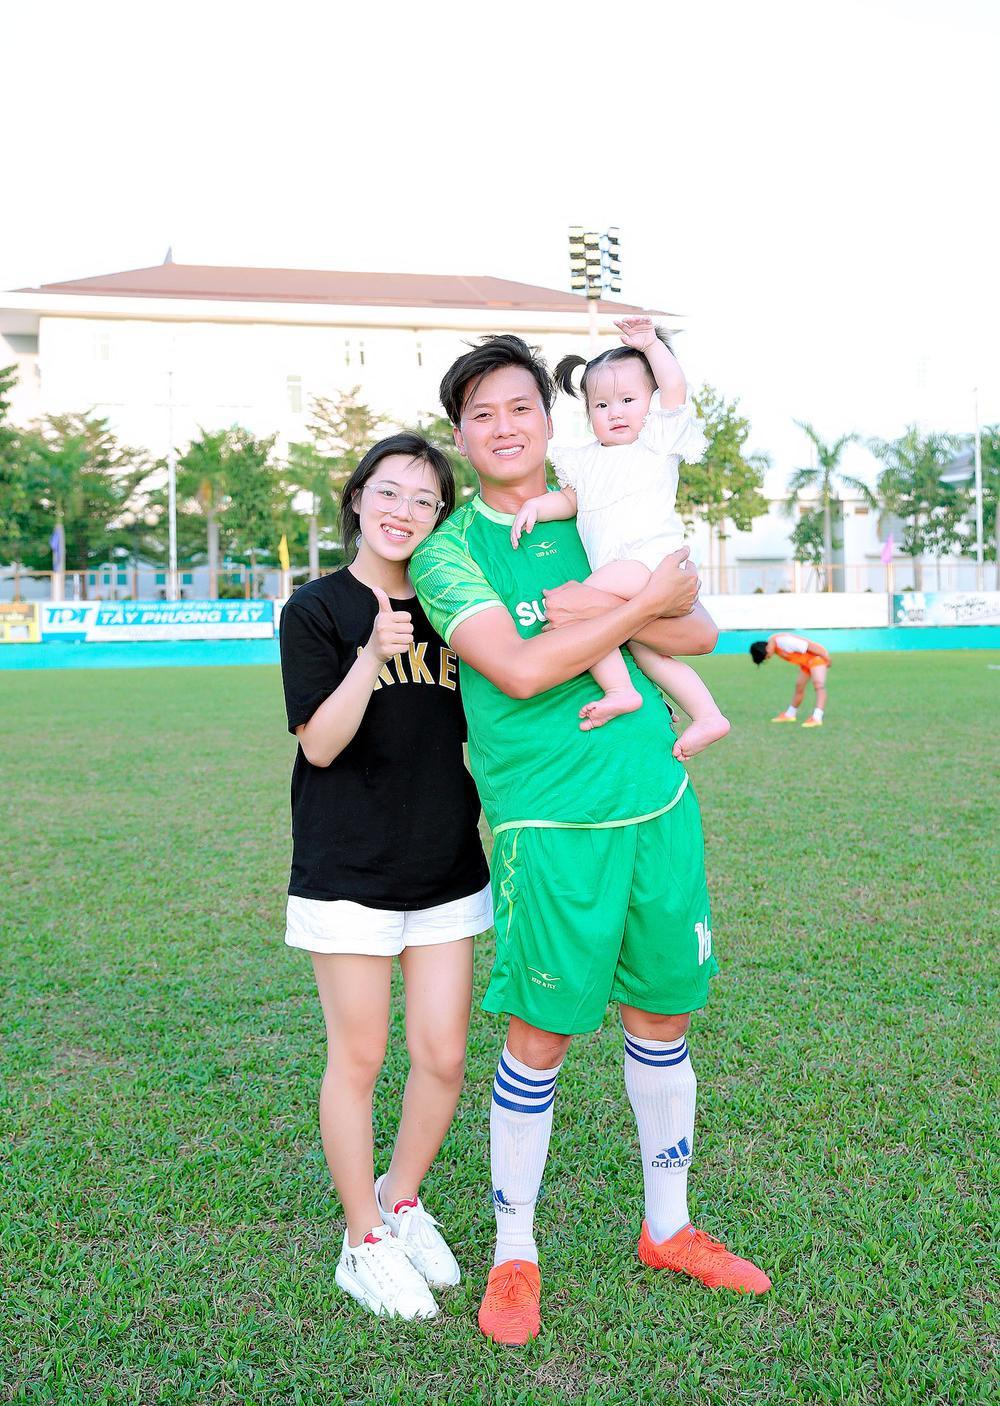 Lâm Vũ, Hoàng Sơn tổ chức trận bóng gây quỹ, quyên góp hơn 300 triệu ủng hộ miền Trung Ảnh 7